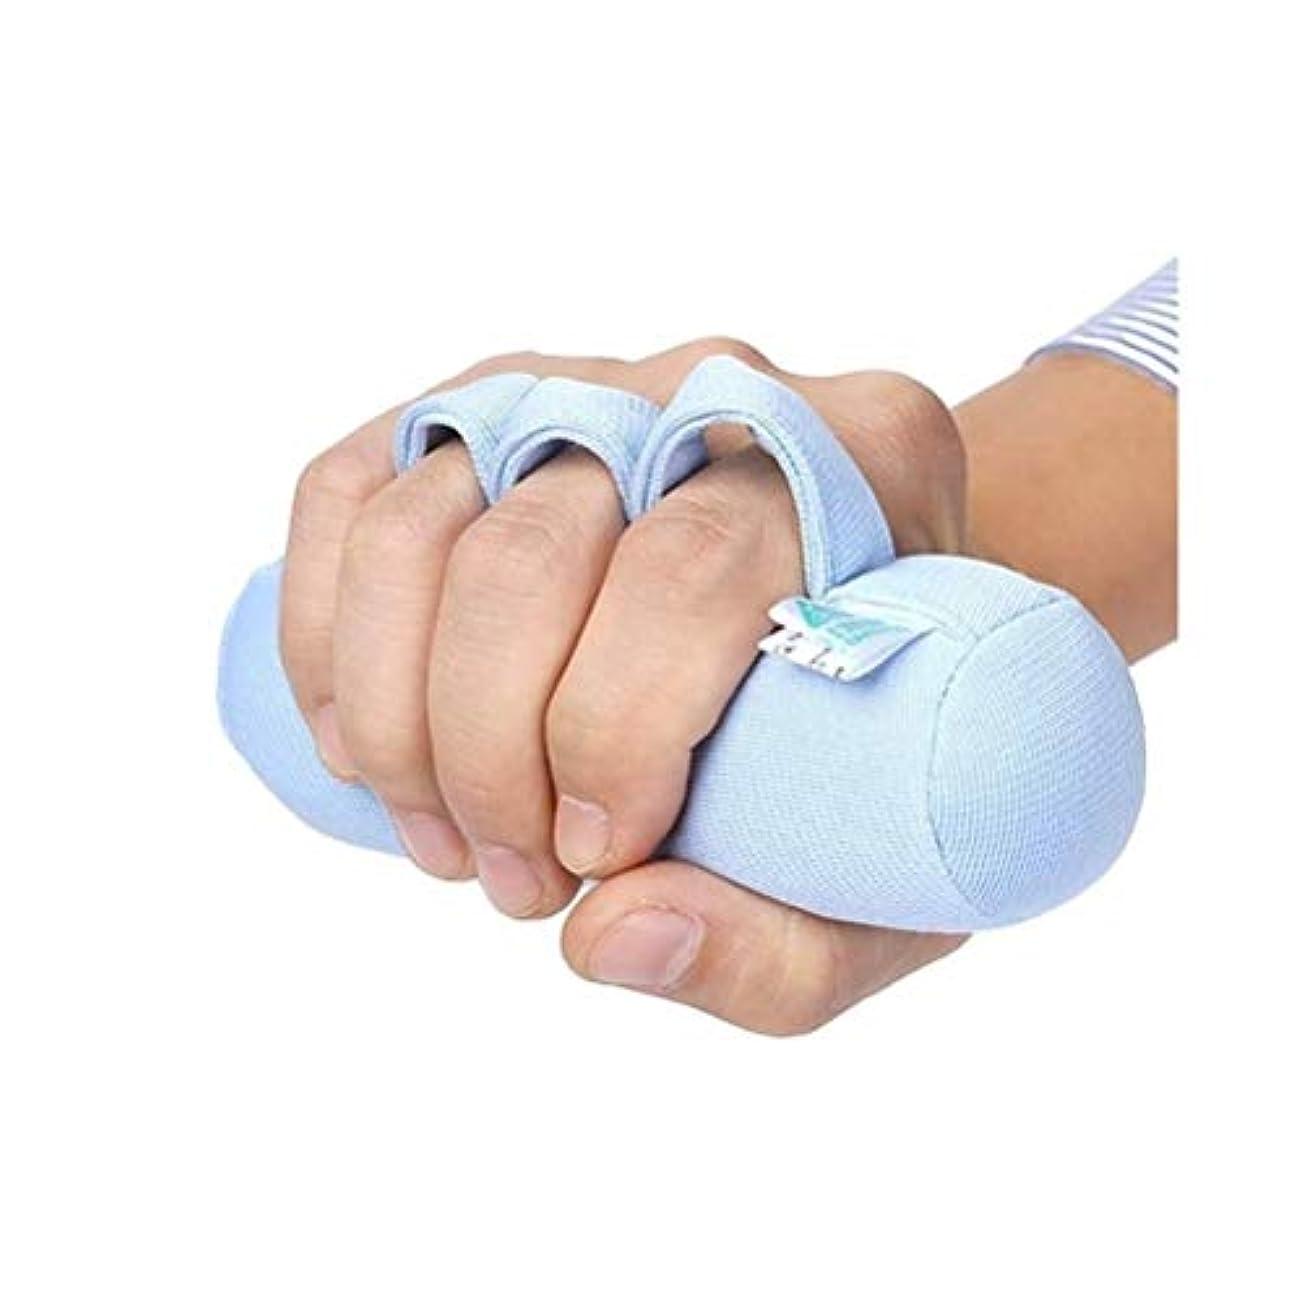 接尾辞大気草指セパレーターパームプロテクター、手拘縮装具、ソフトパームクッションのために、指セパレーターはベッドのためにくる病ハンド高齢者ケアを化膿指拘縮クッション防止の指は指セパレーションフィット右または左の手を傷